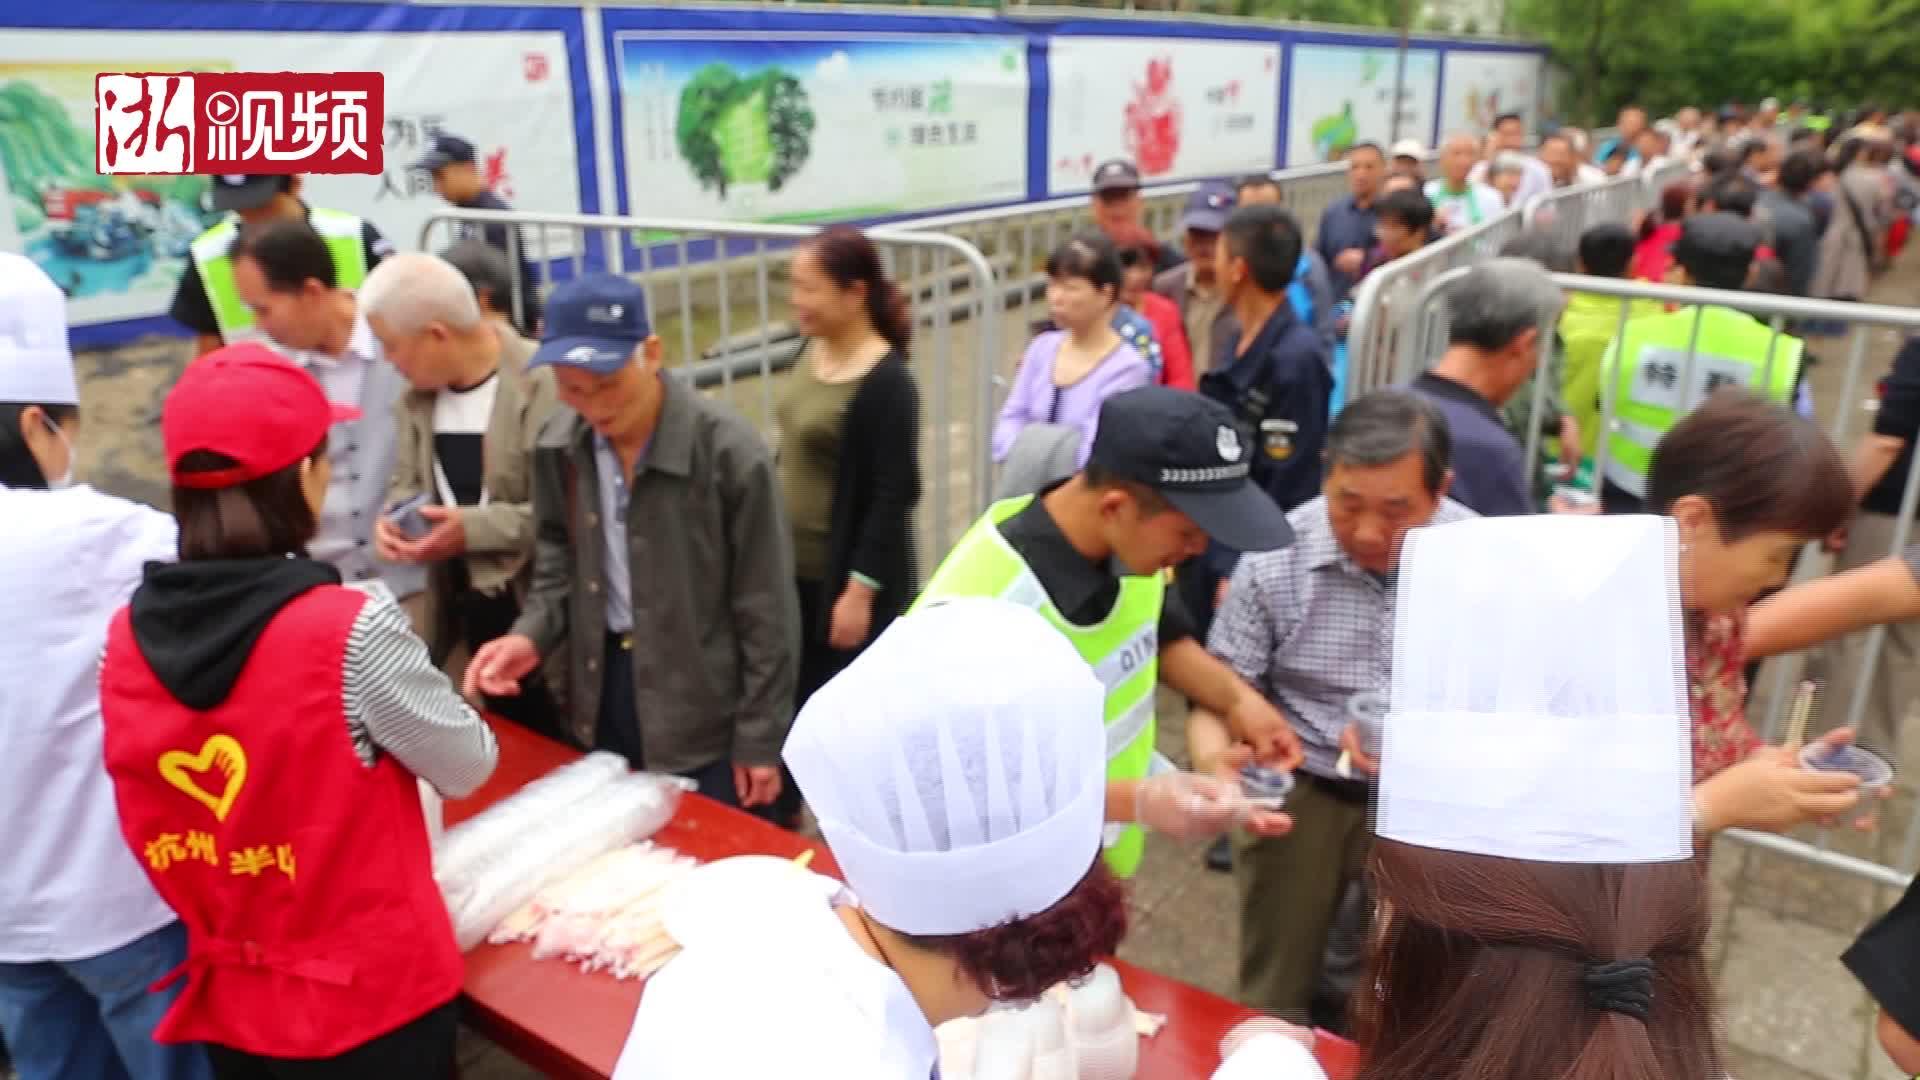 立夏到!杭州千人排队吃乌米饭